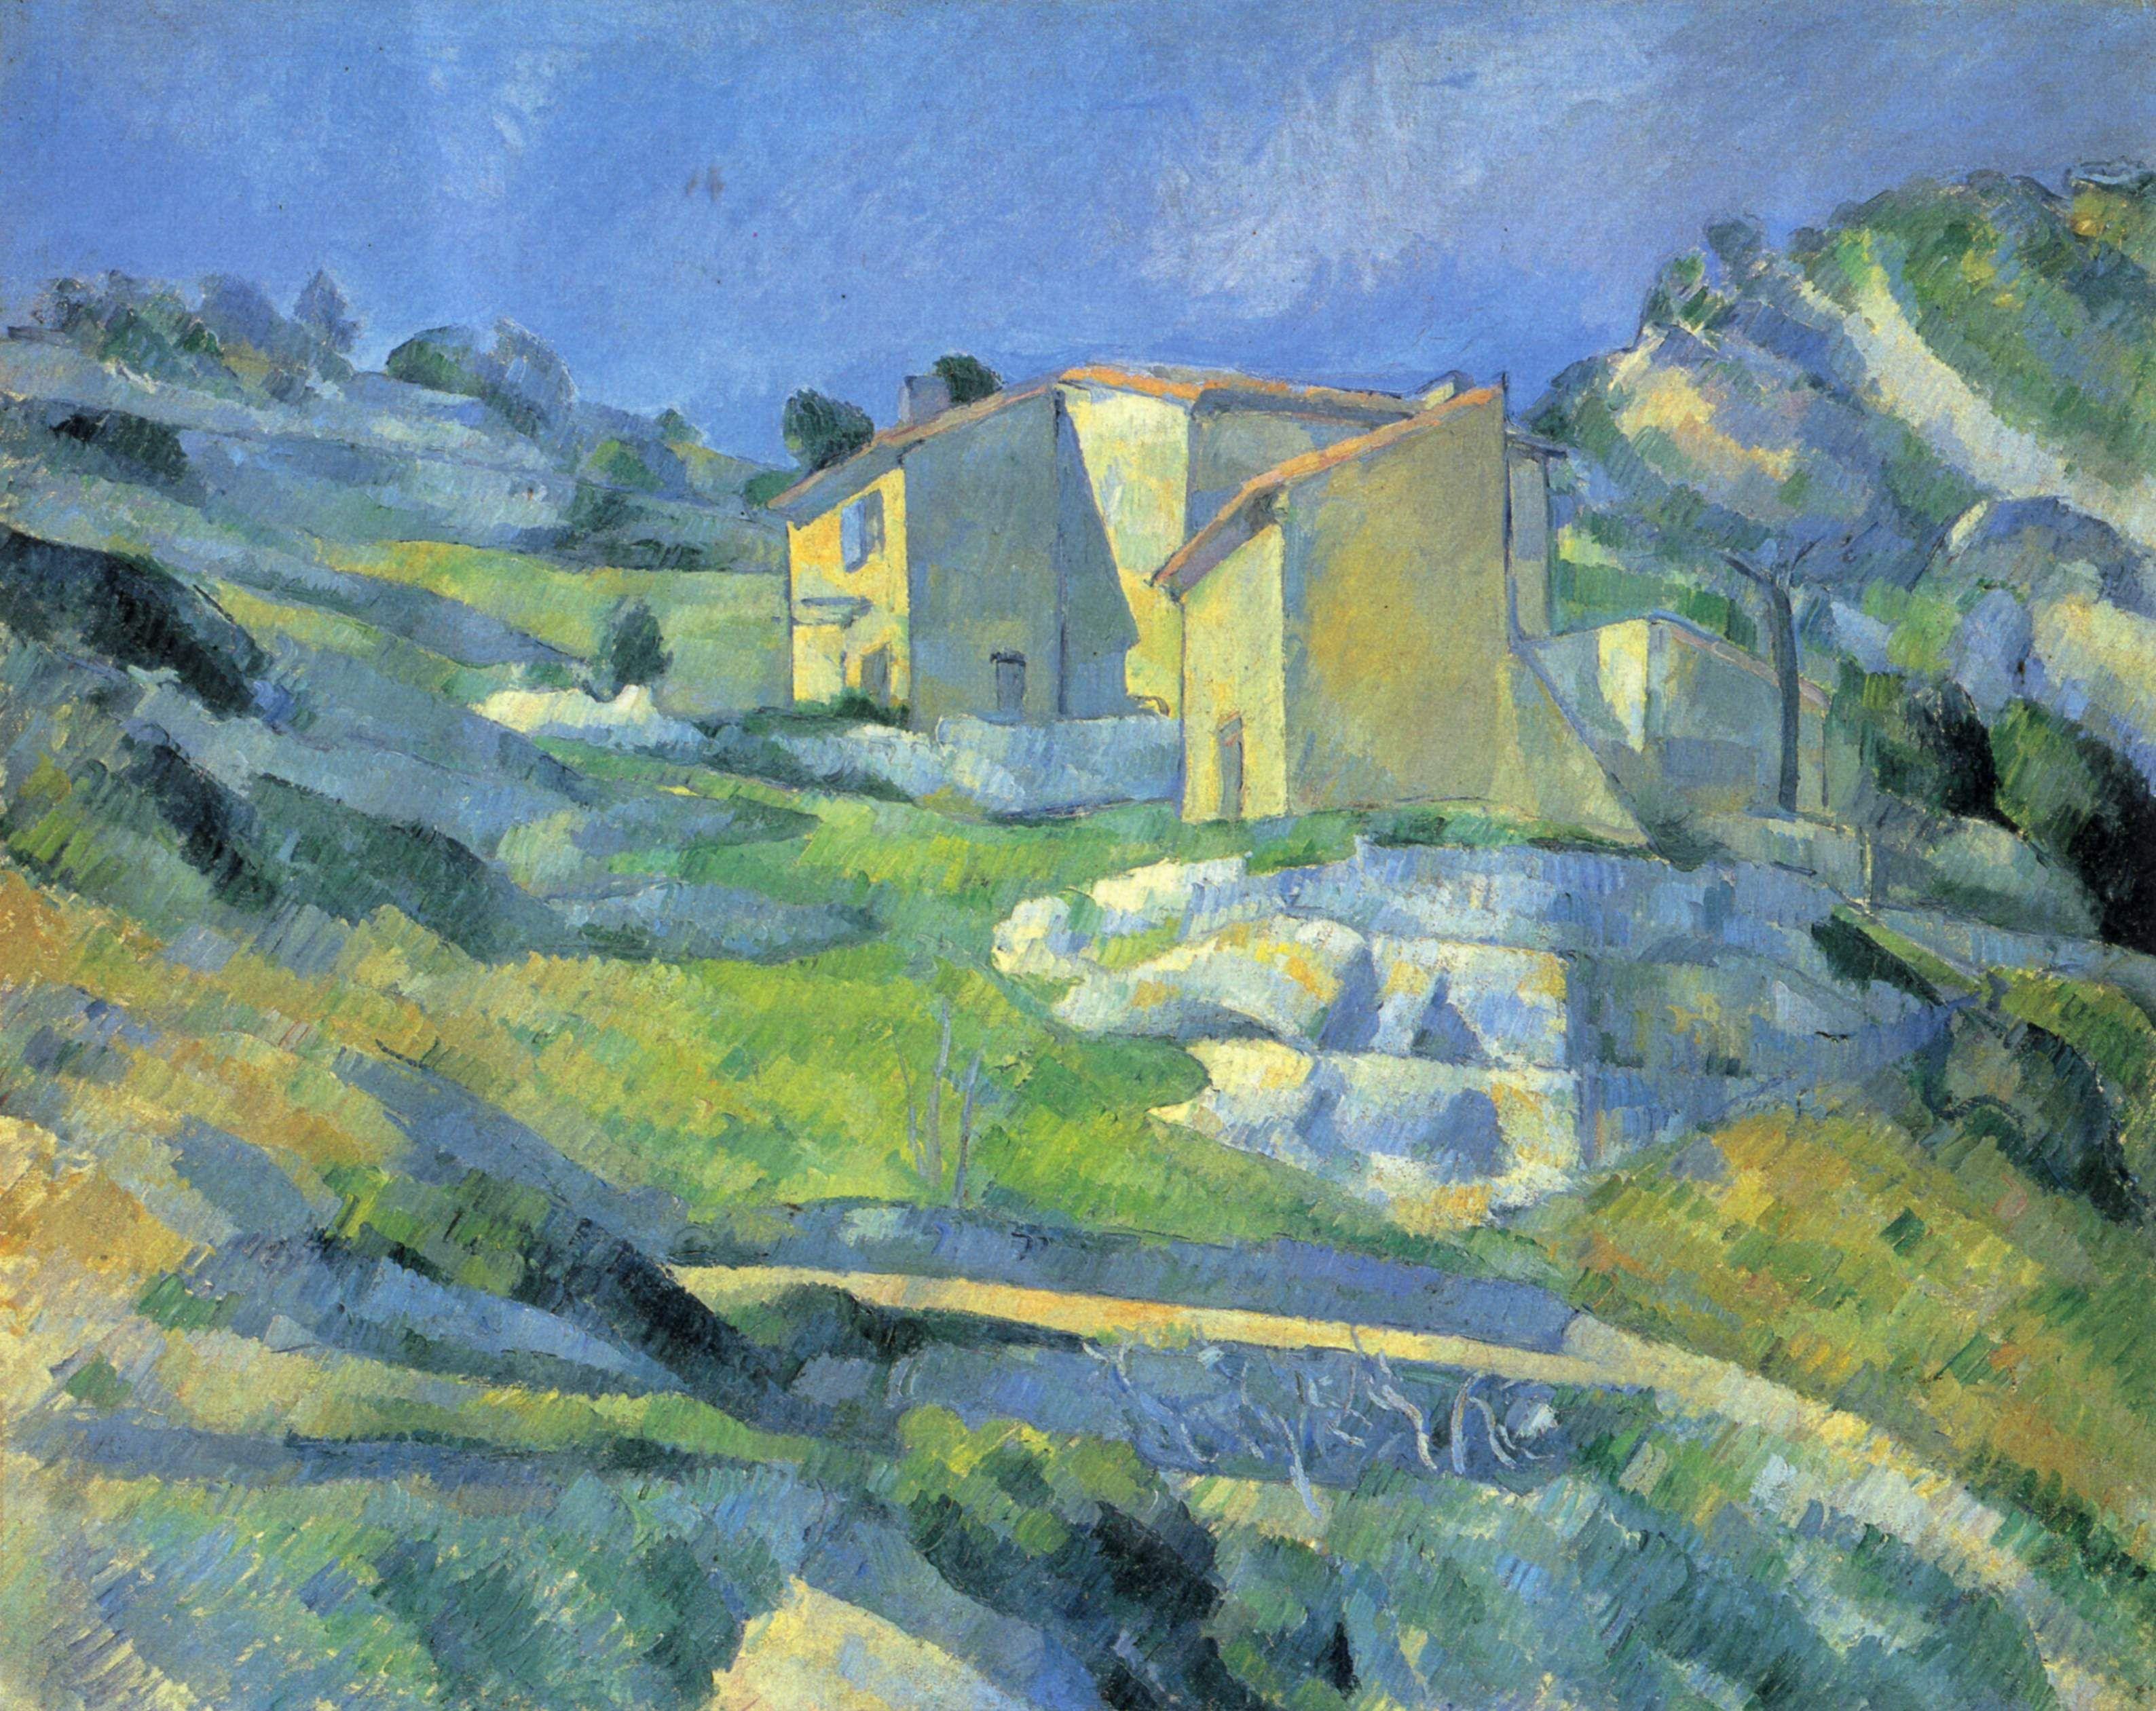 Houses At The L Estaque 1880 Jpg Imagen Jpeg 3176 2521 Pixeles Escalado 25 Paul Cezanne Cezanne Art Paul Cezanne Paintings